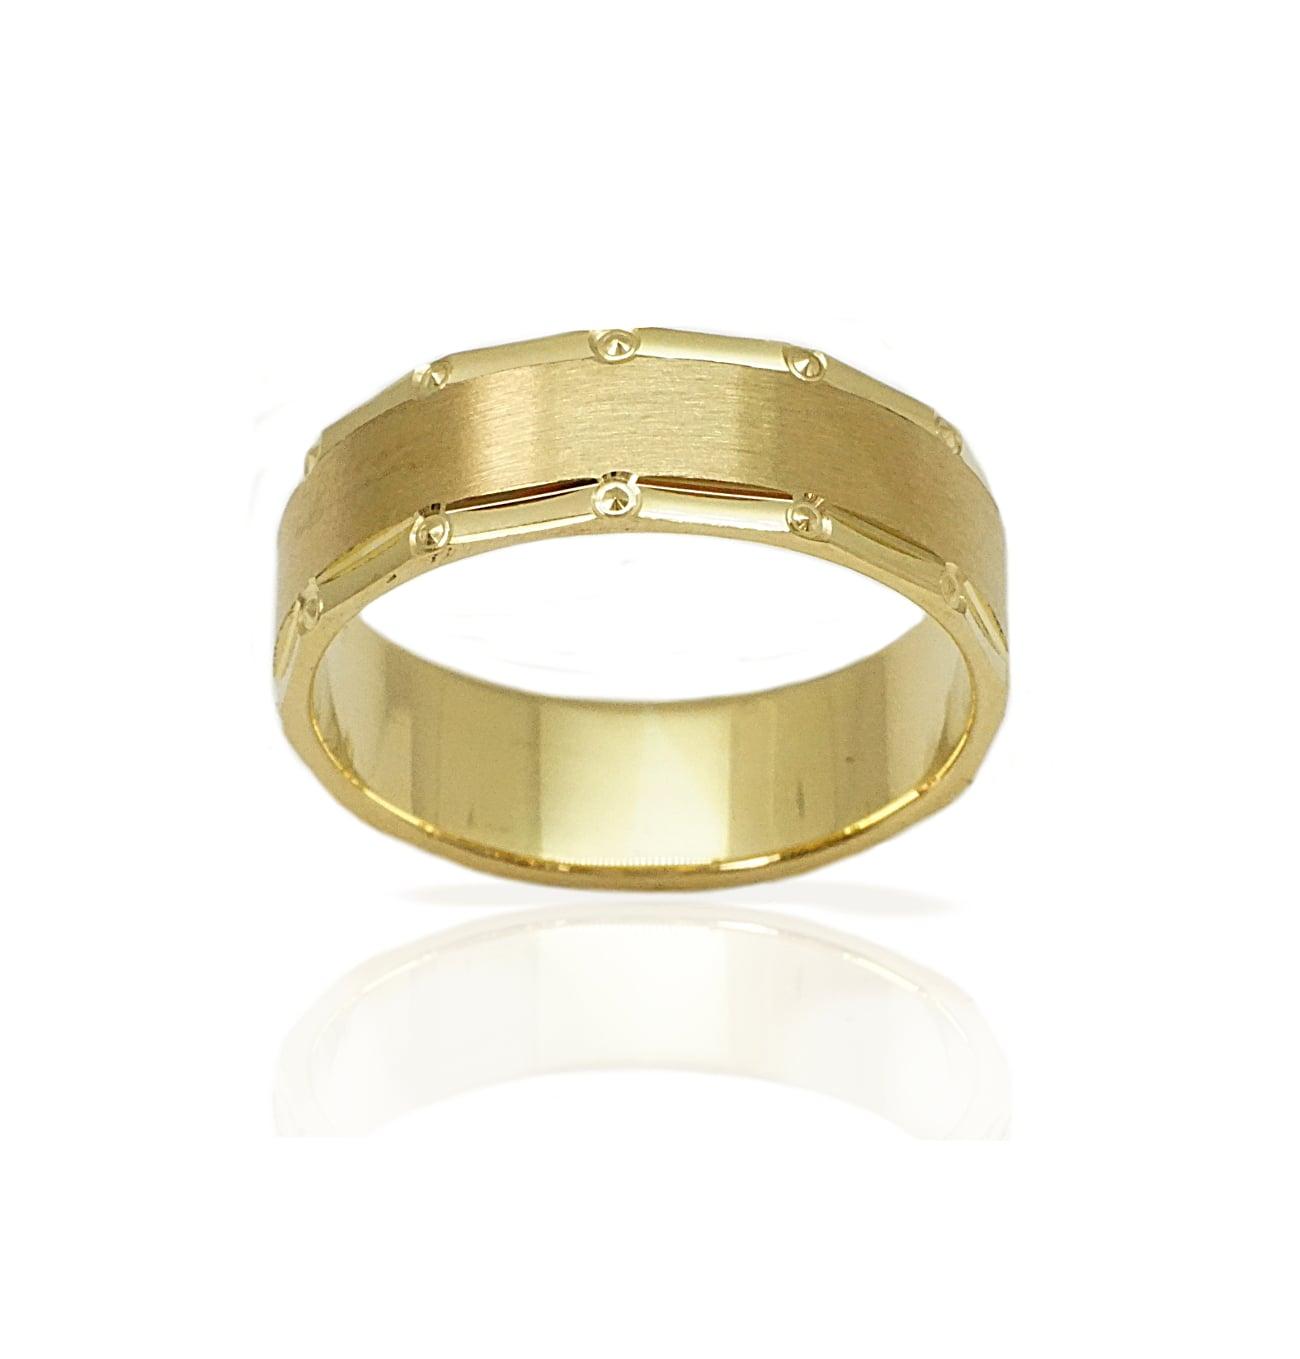 טבעת נישואין מעוצבת עם טקסטורת הברשה והברגה - דגם M140